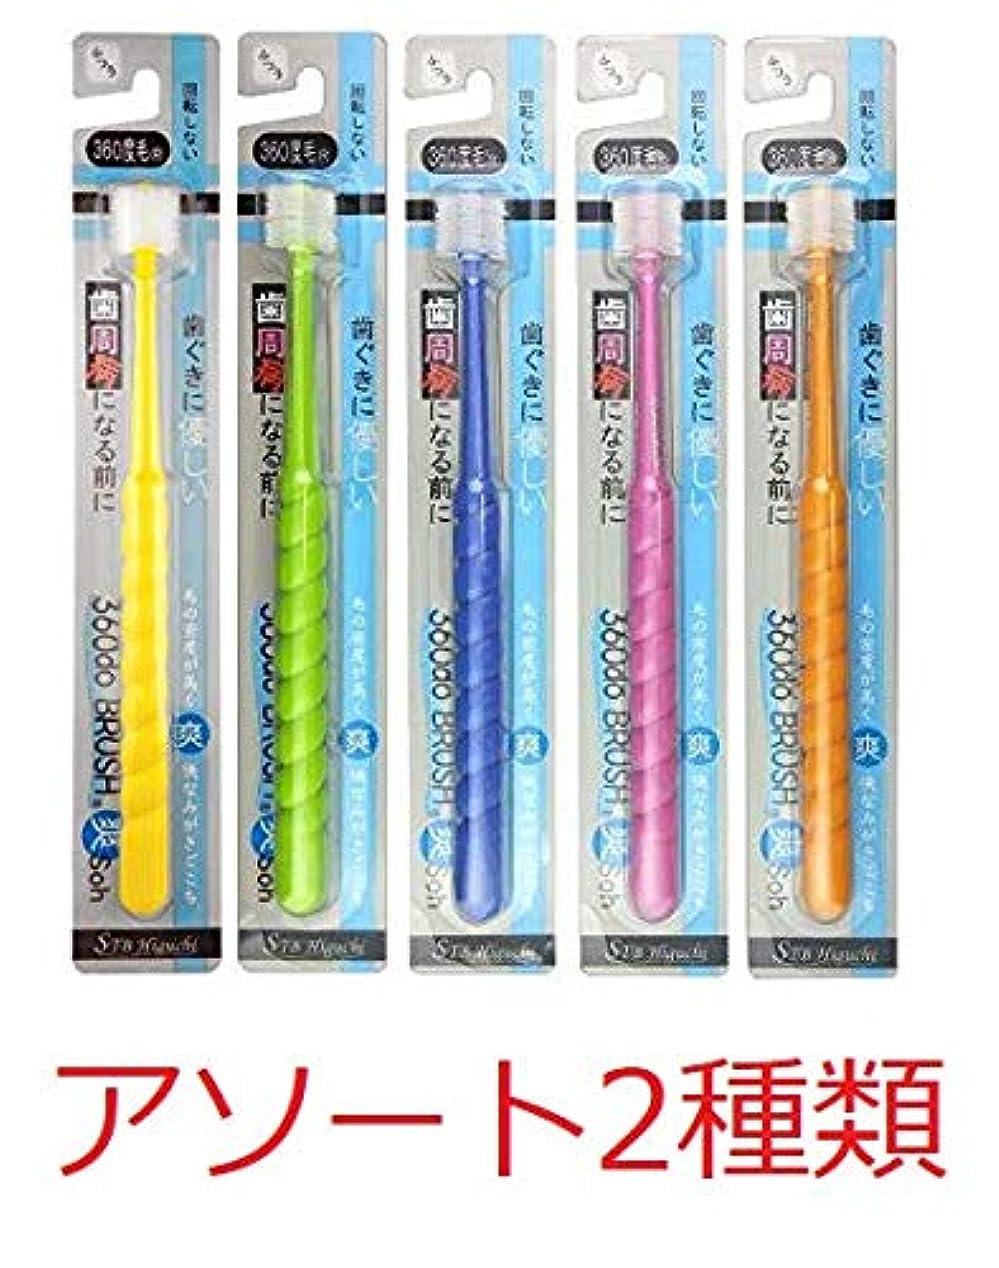 コンチネンタル任命電話360度歯ブラシ 360do BRUSH 爽(SOH)2個セット (カラーは2色おまかせ)